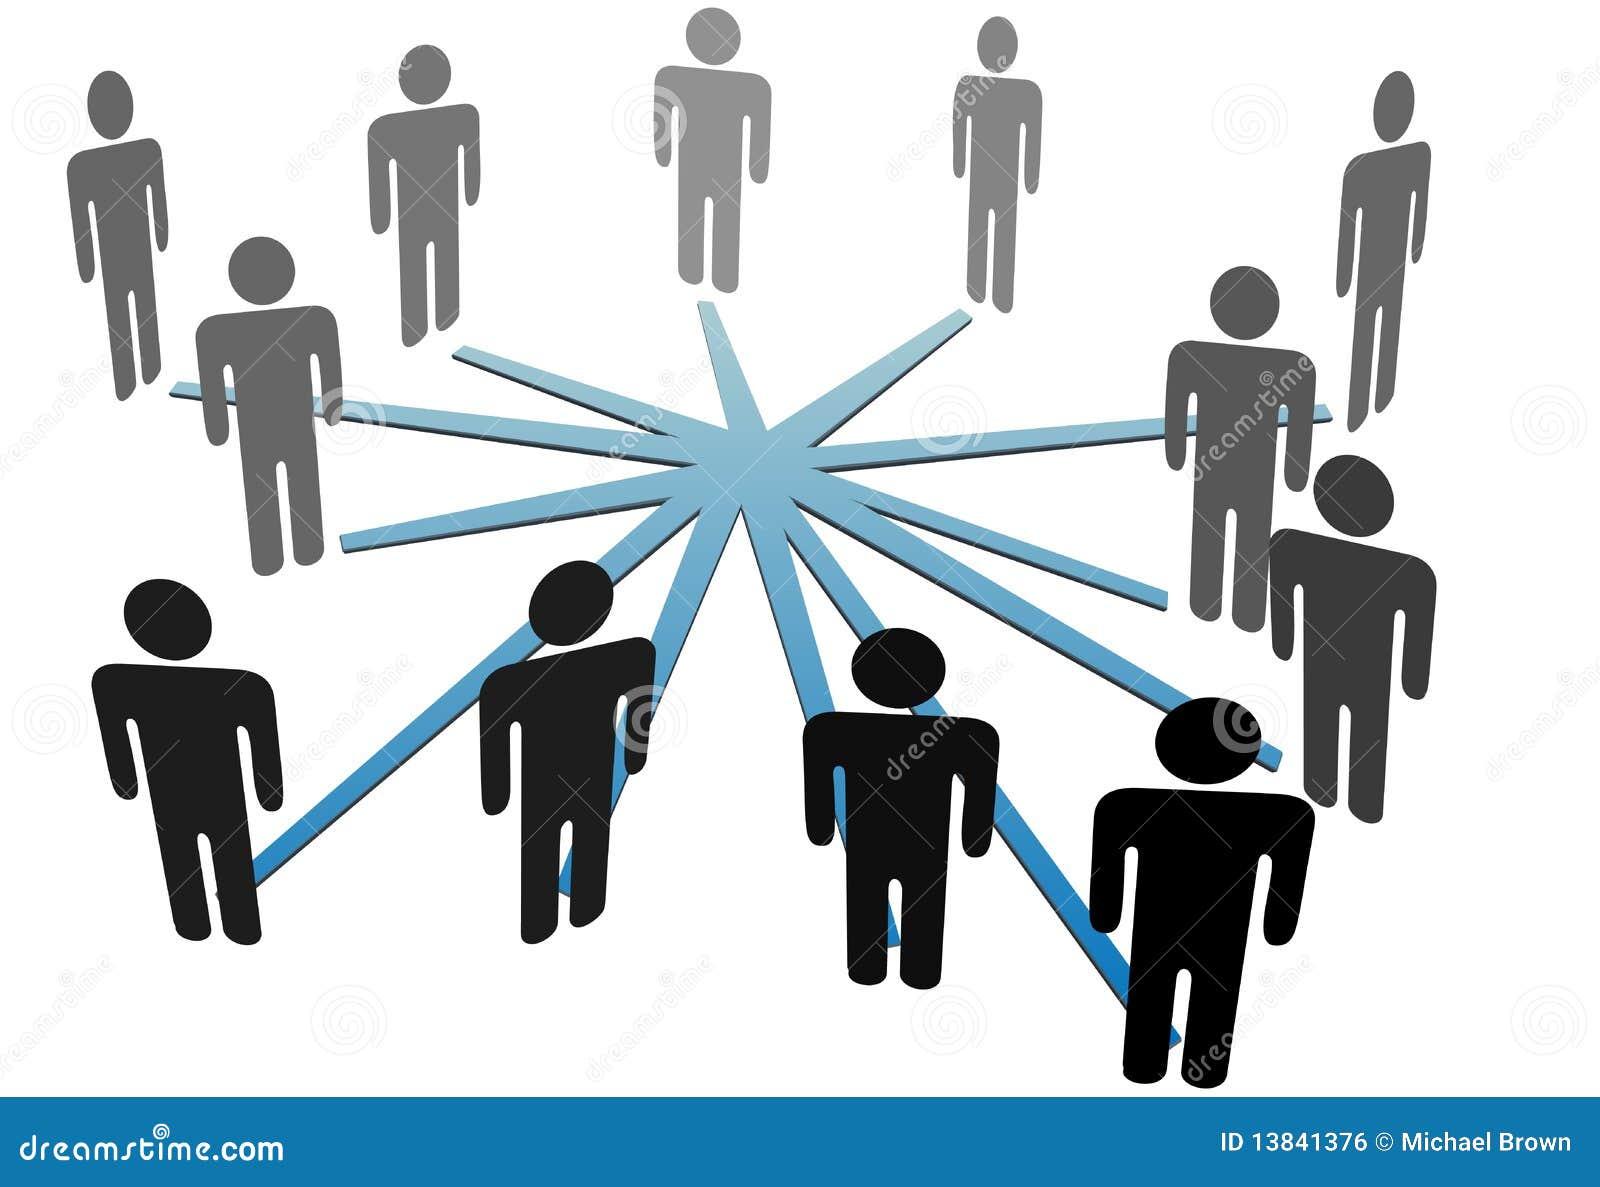 Biznes łączy ogólnospołecznych sieci medialnych ludzi